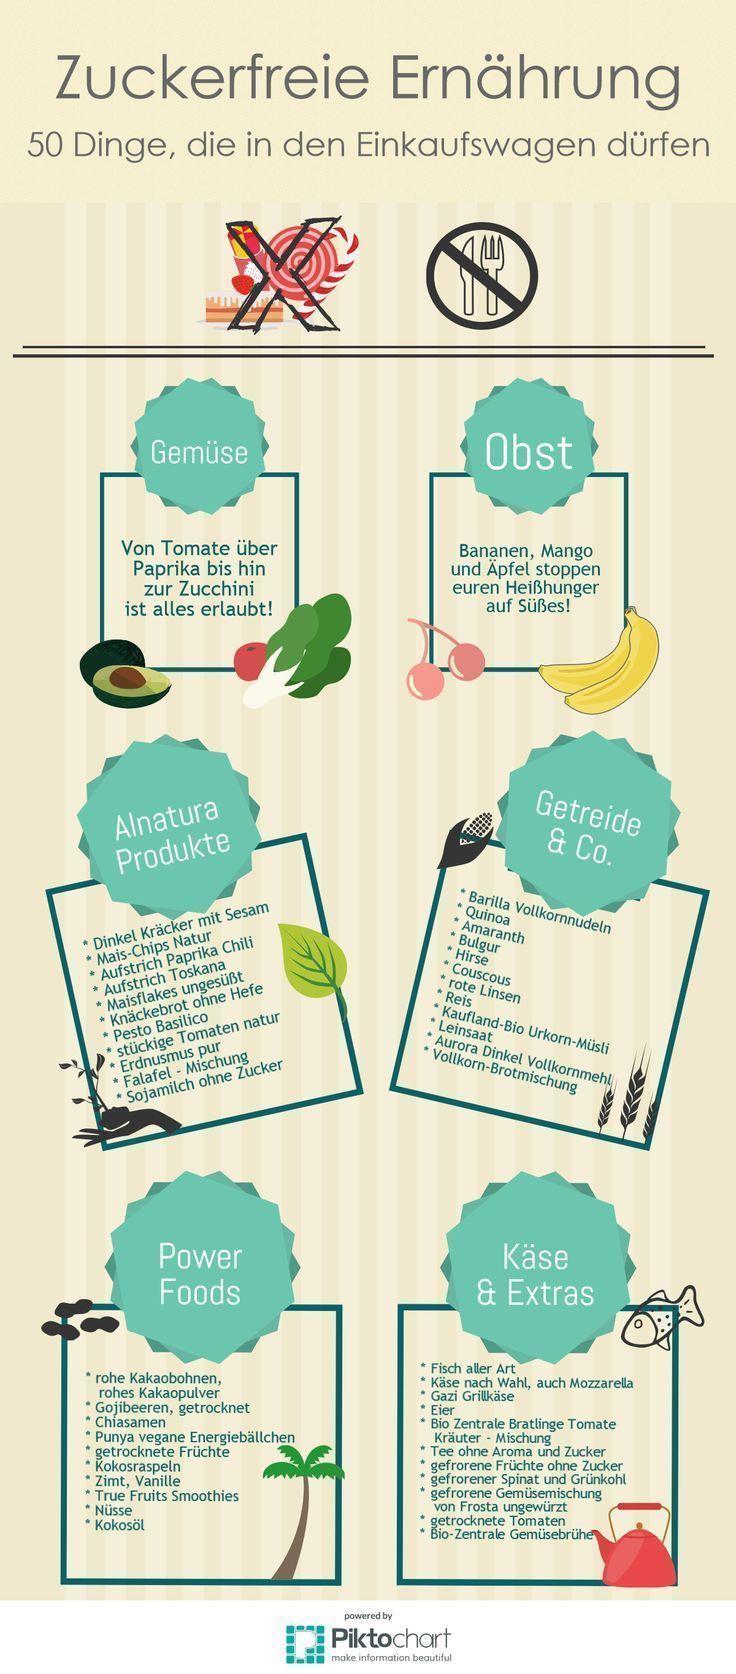 Zuckerfreie Diät ist für Sie schwierig? Dann folgen Sie unseren Einkaufstipps